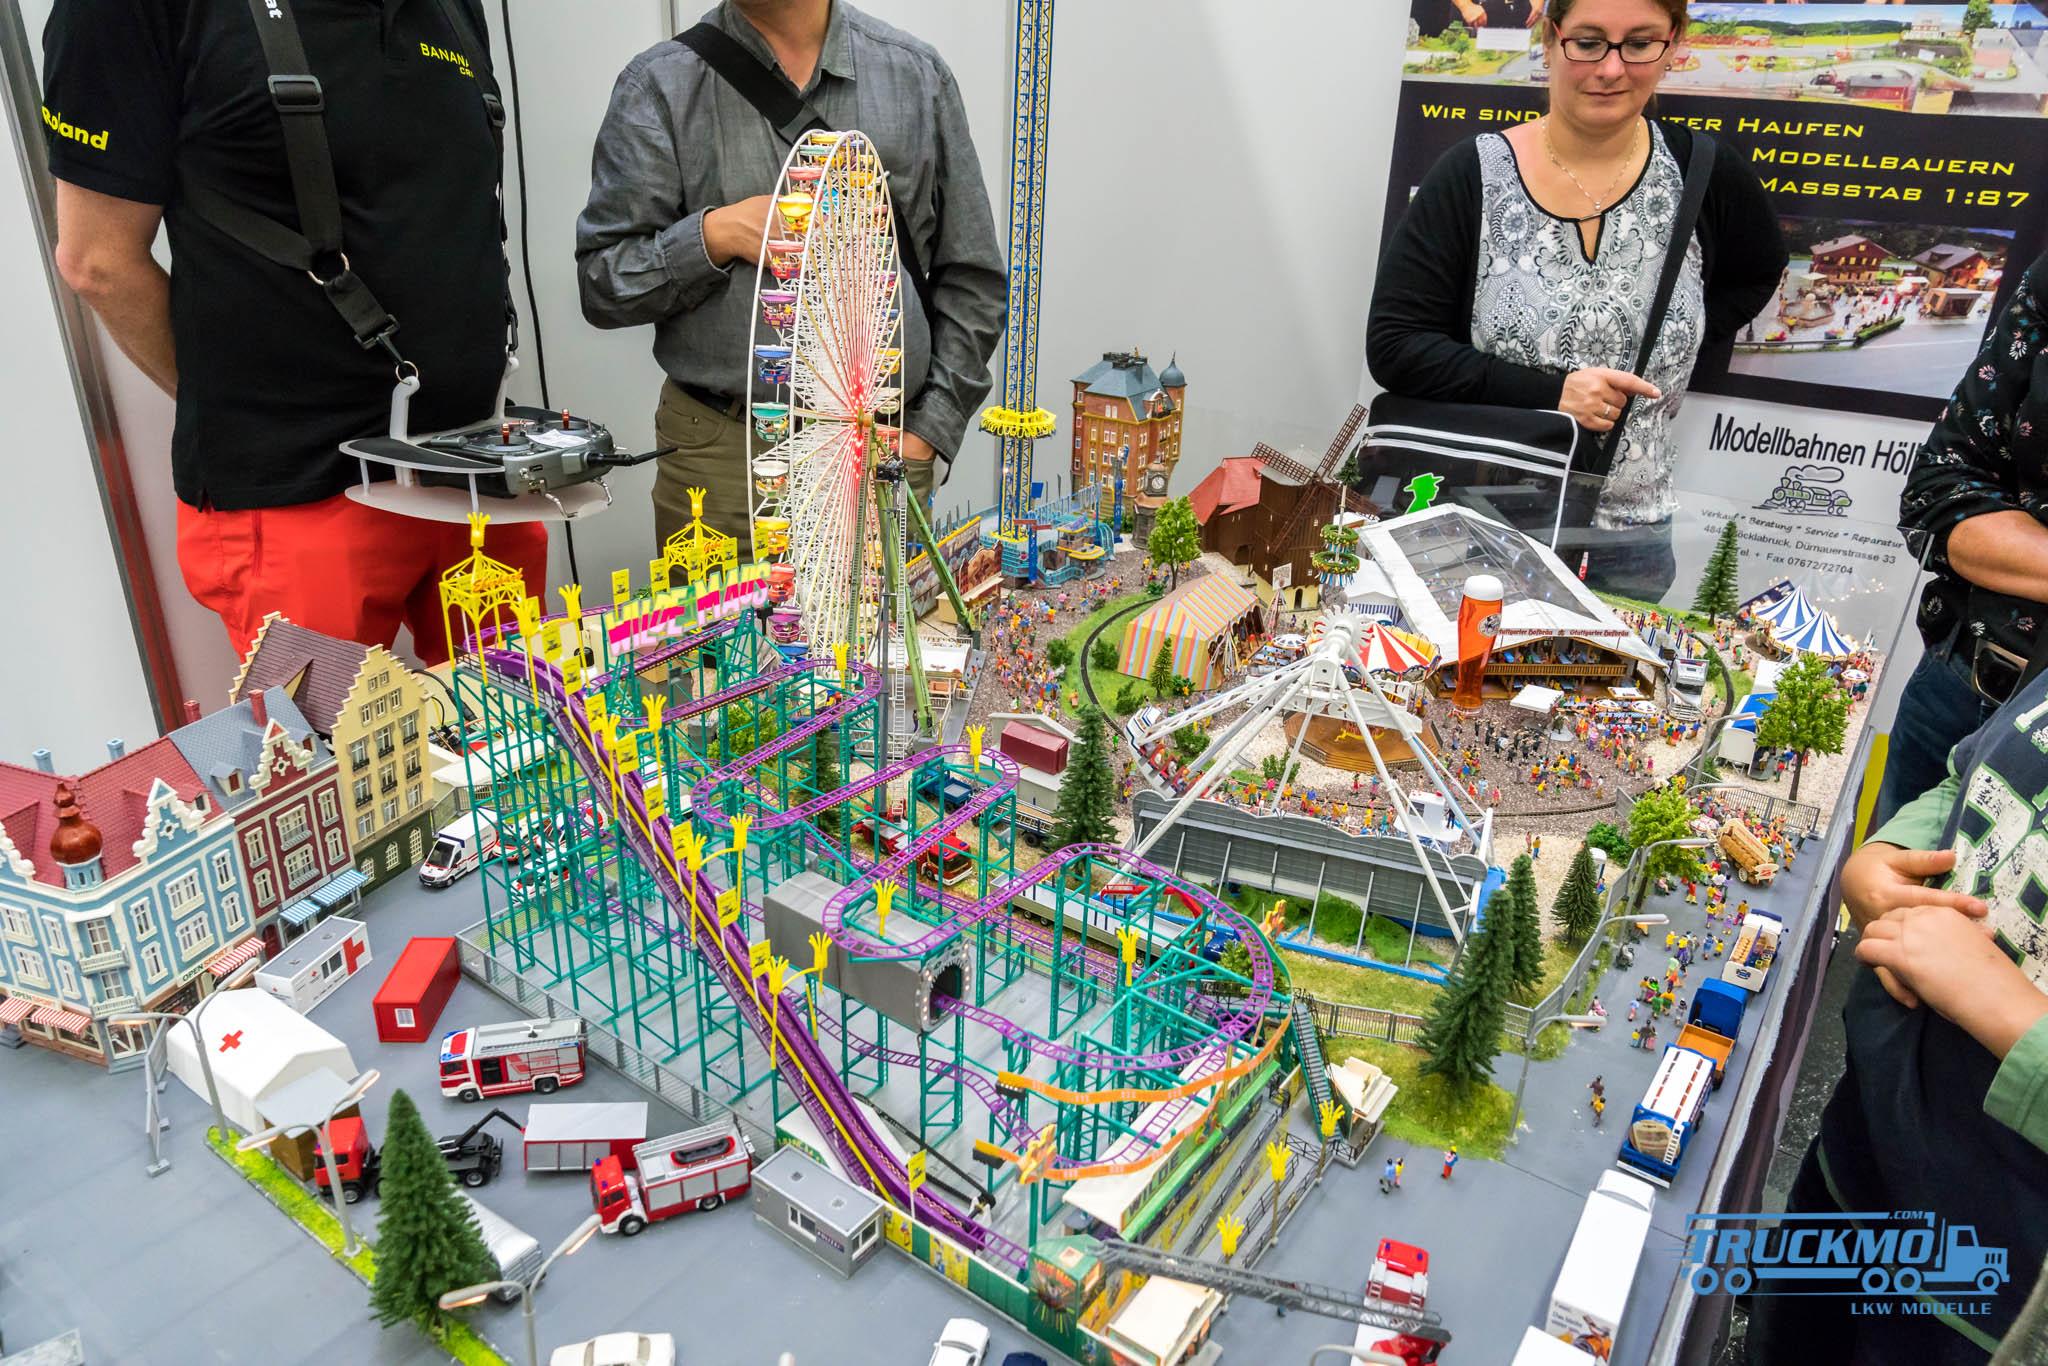 Truckmo_Modellbau_Ried_2017_Herpa_Messe_Modellbauausstellung (289 von 1177)